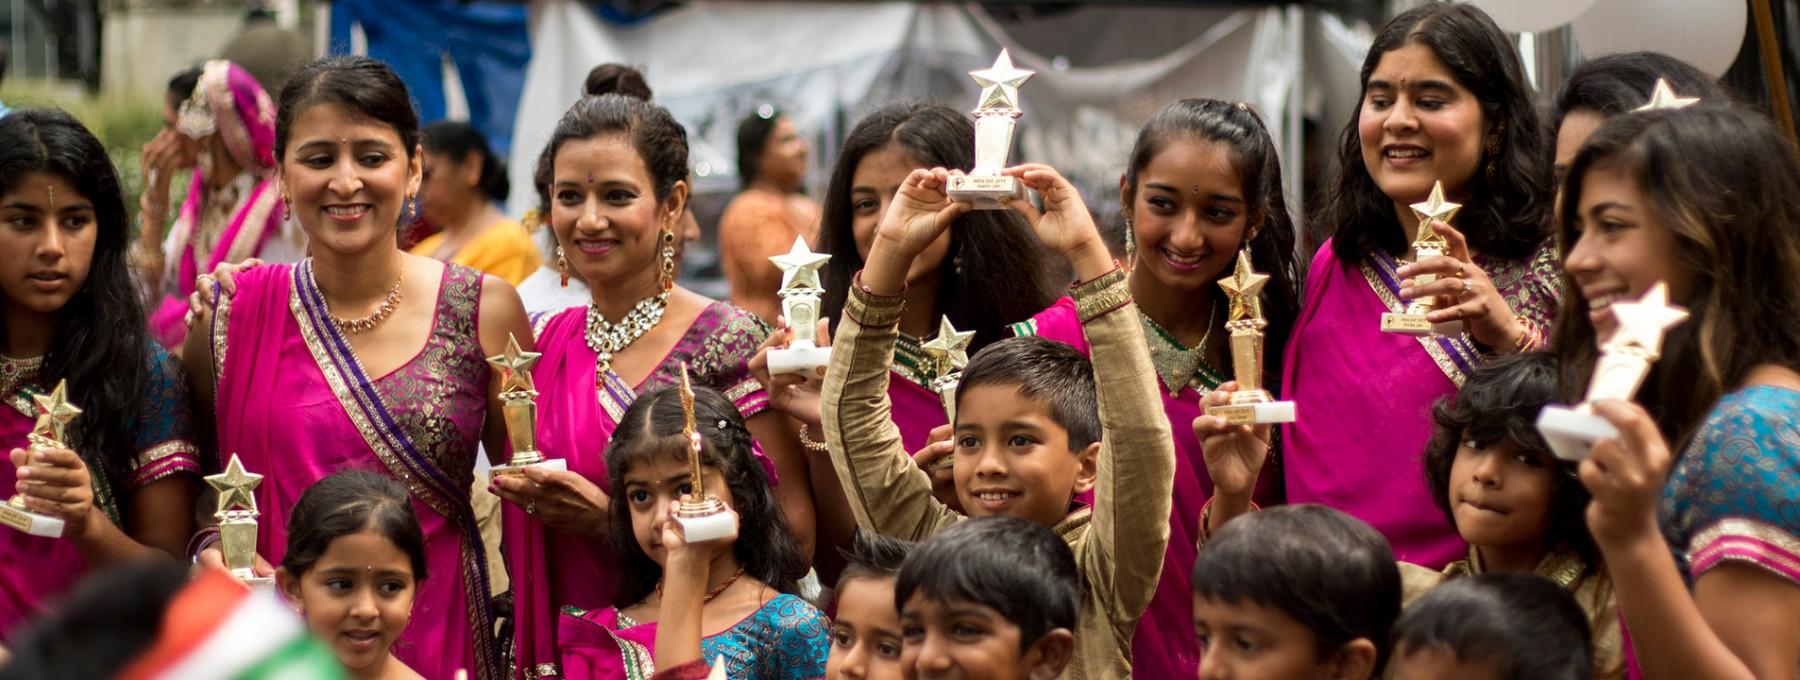 slider 7-india day